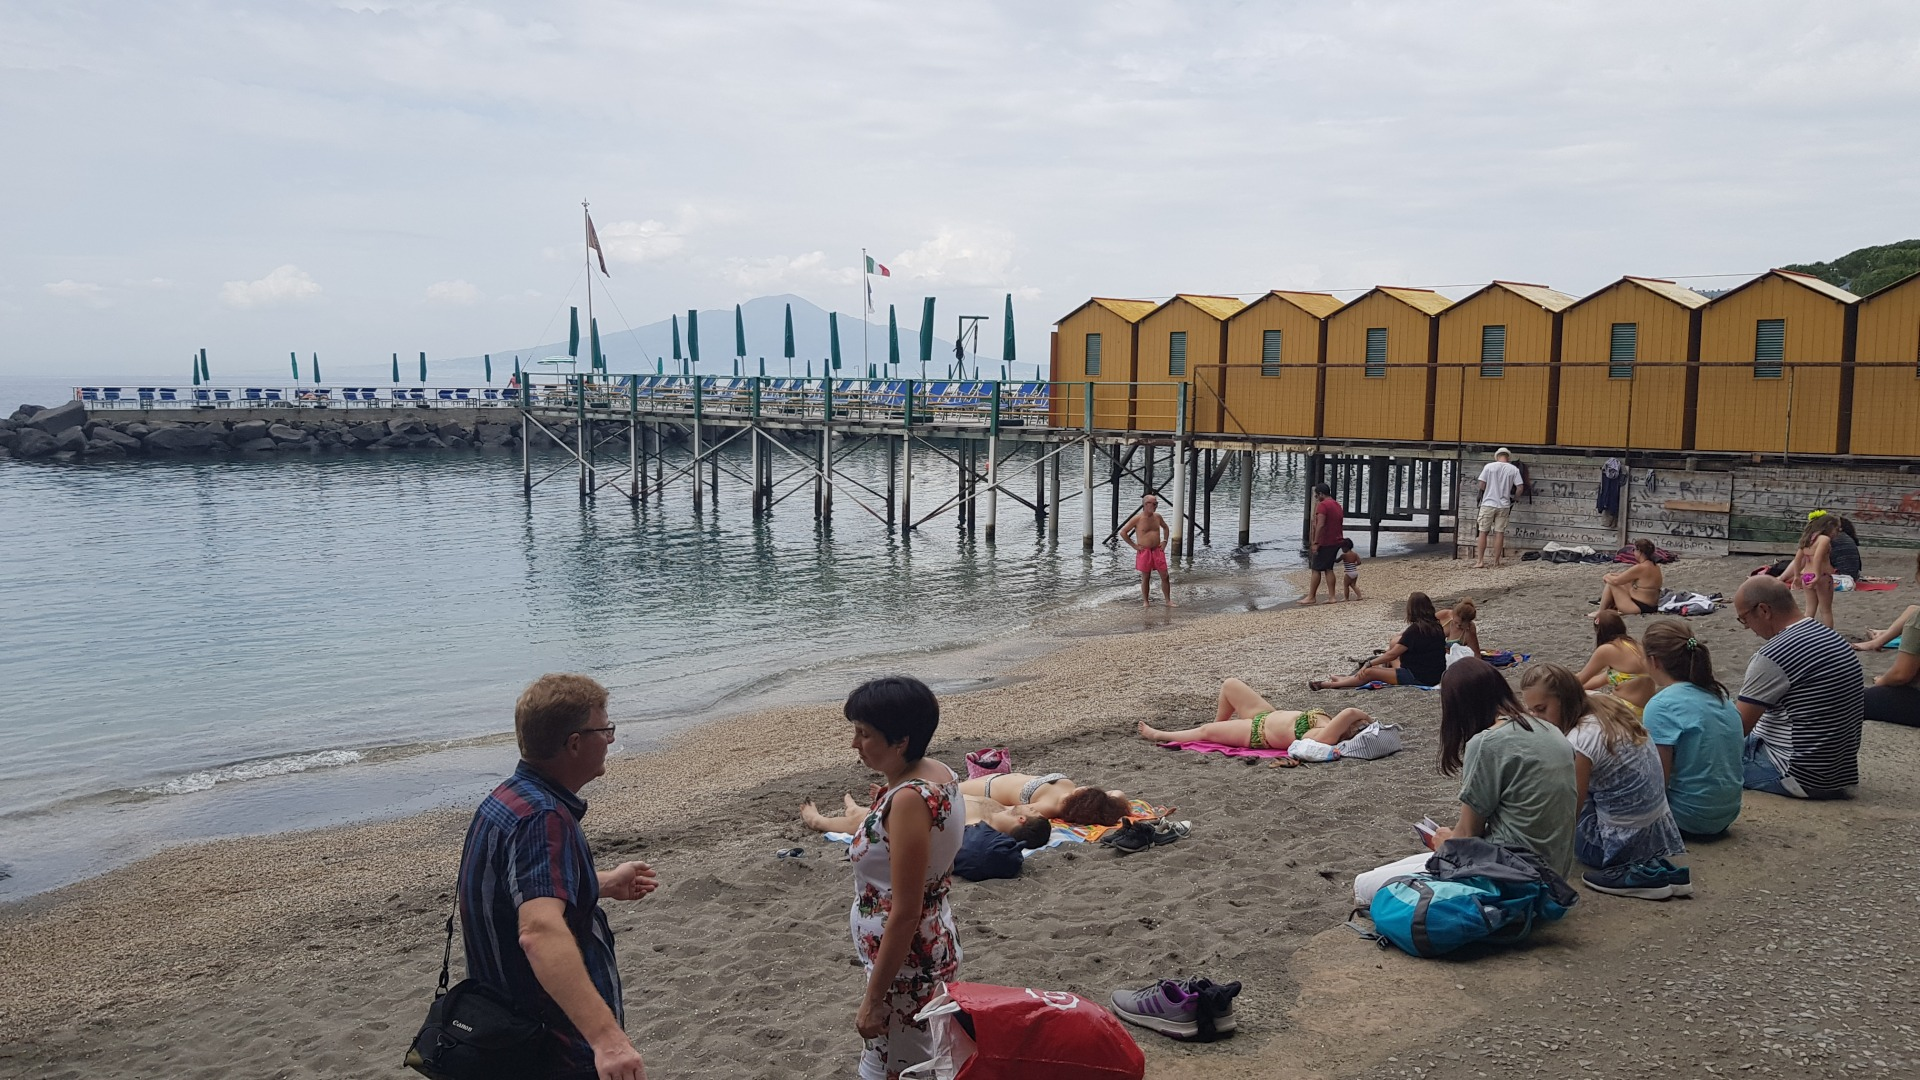 Бесплатный пляж для бедных в Сорренто